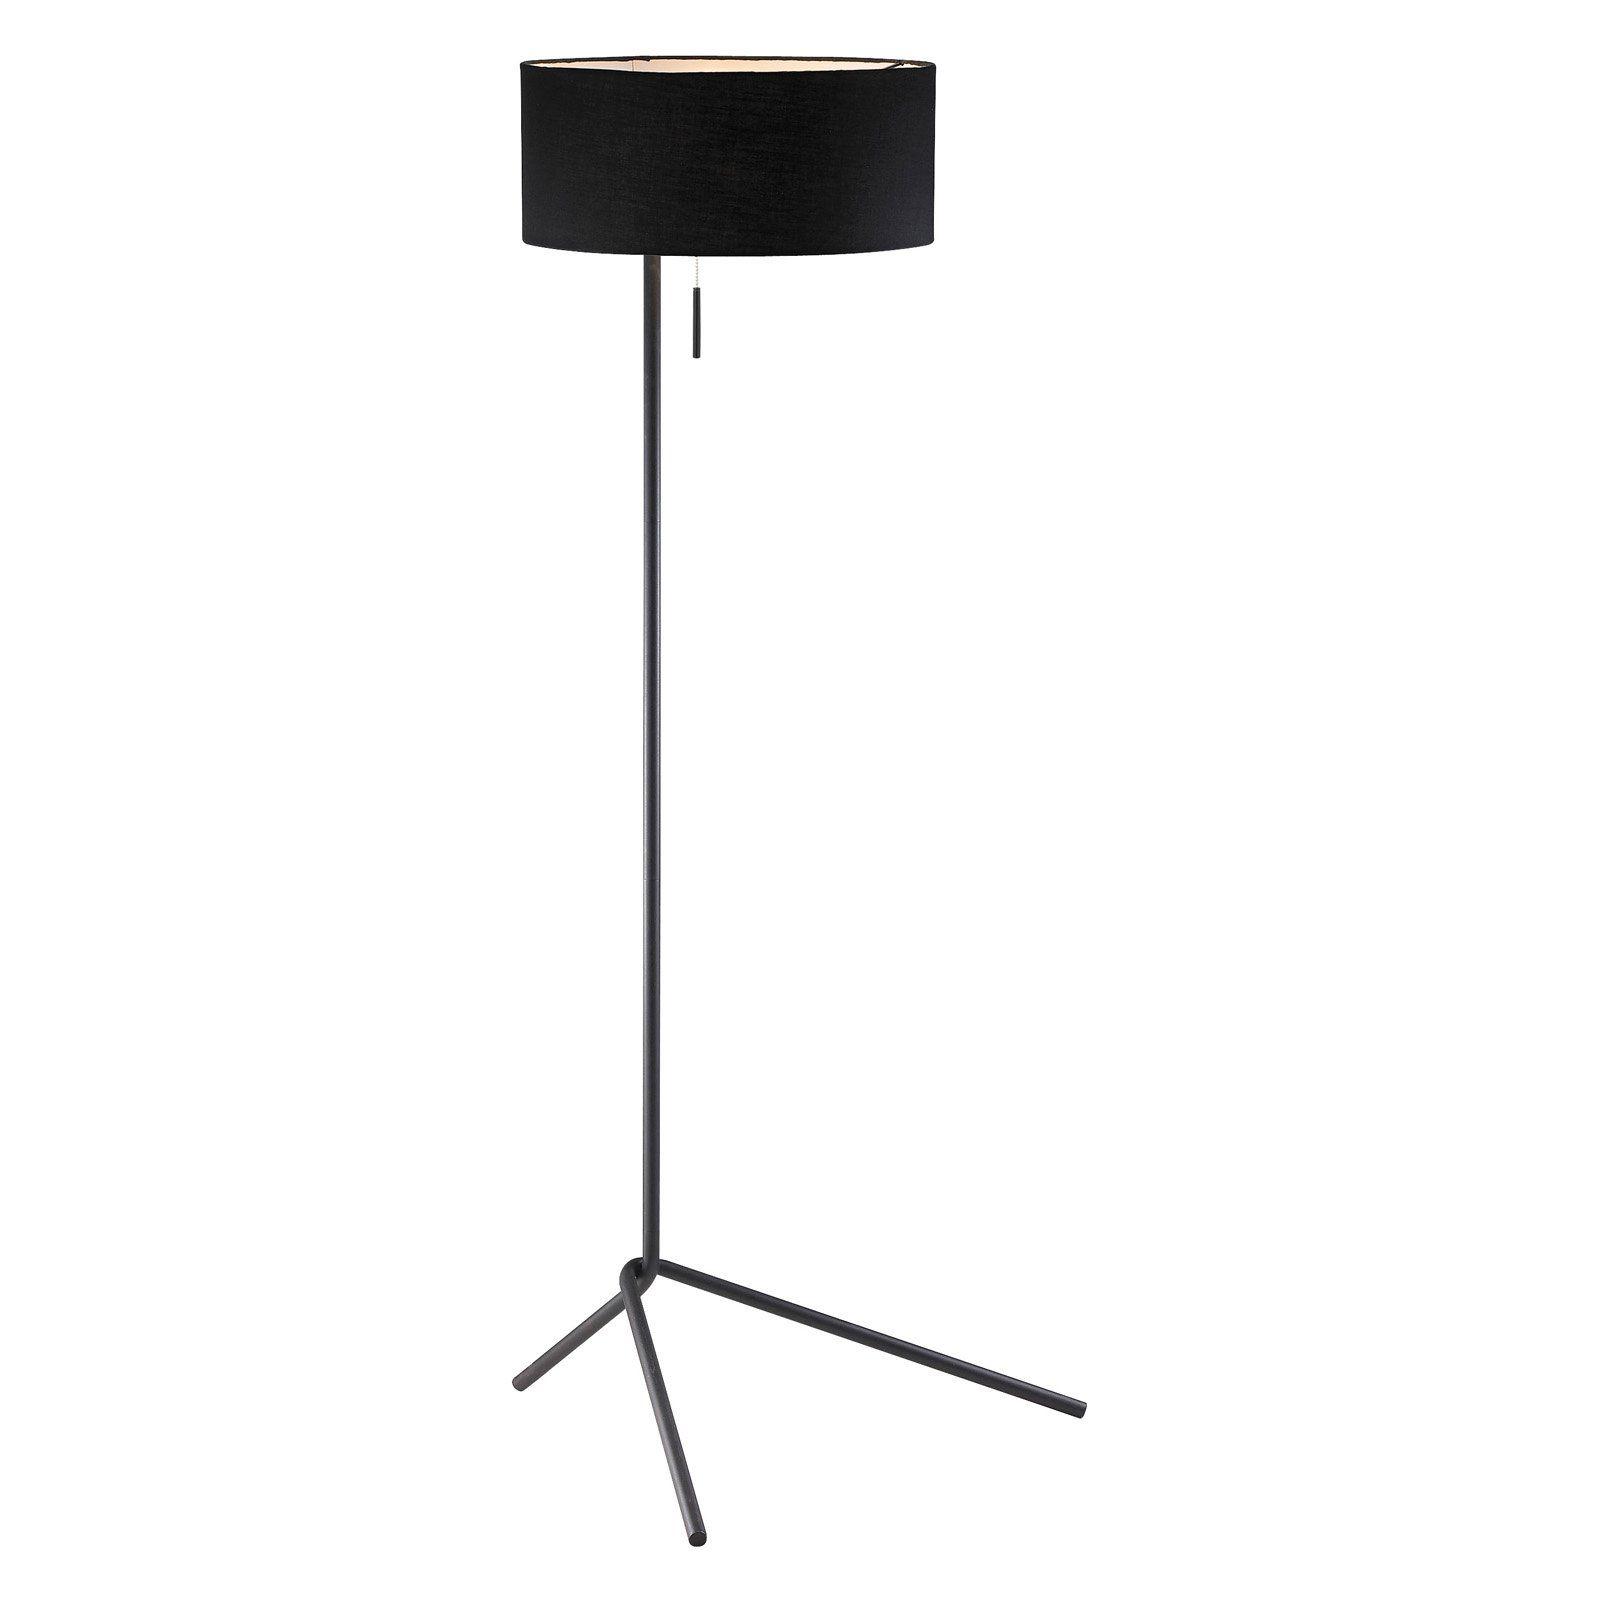 Moderne Stehlampe Schwarz Stehlampen Wie Tiffany Stehlampen